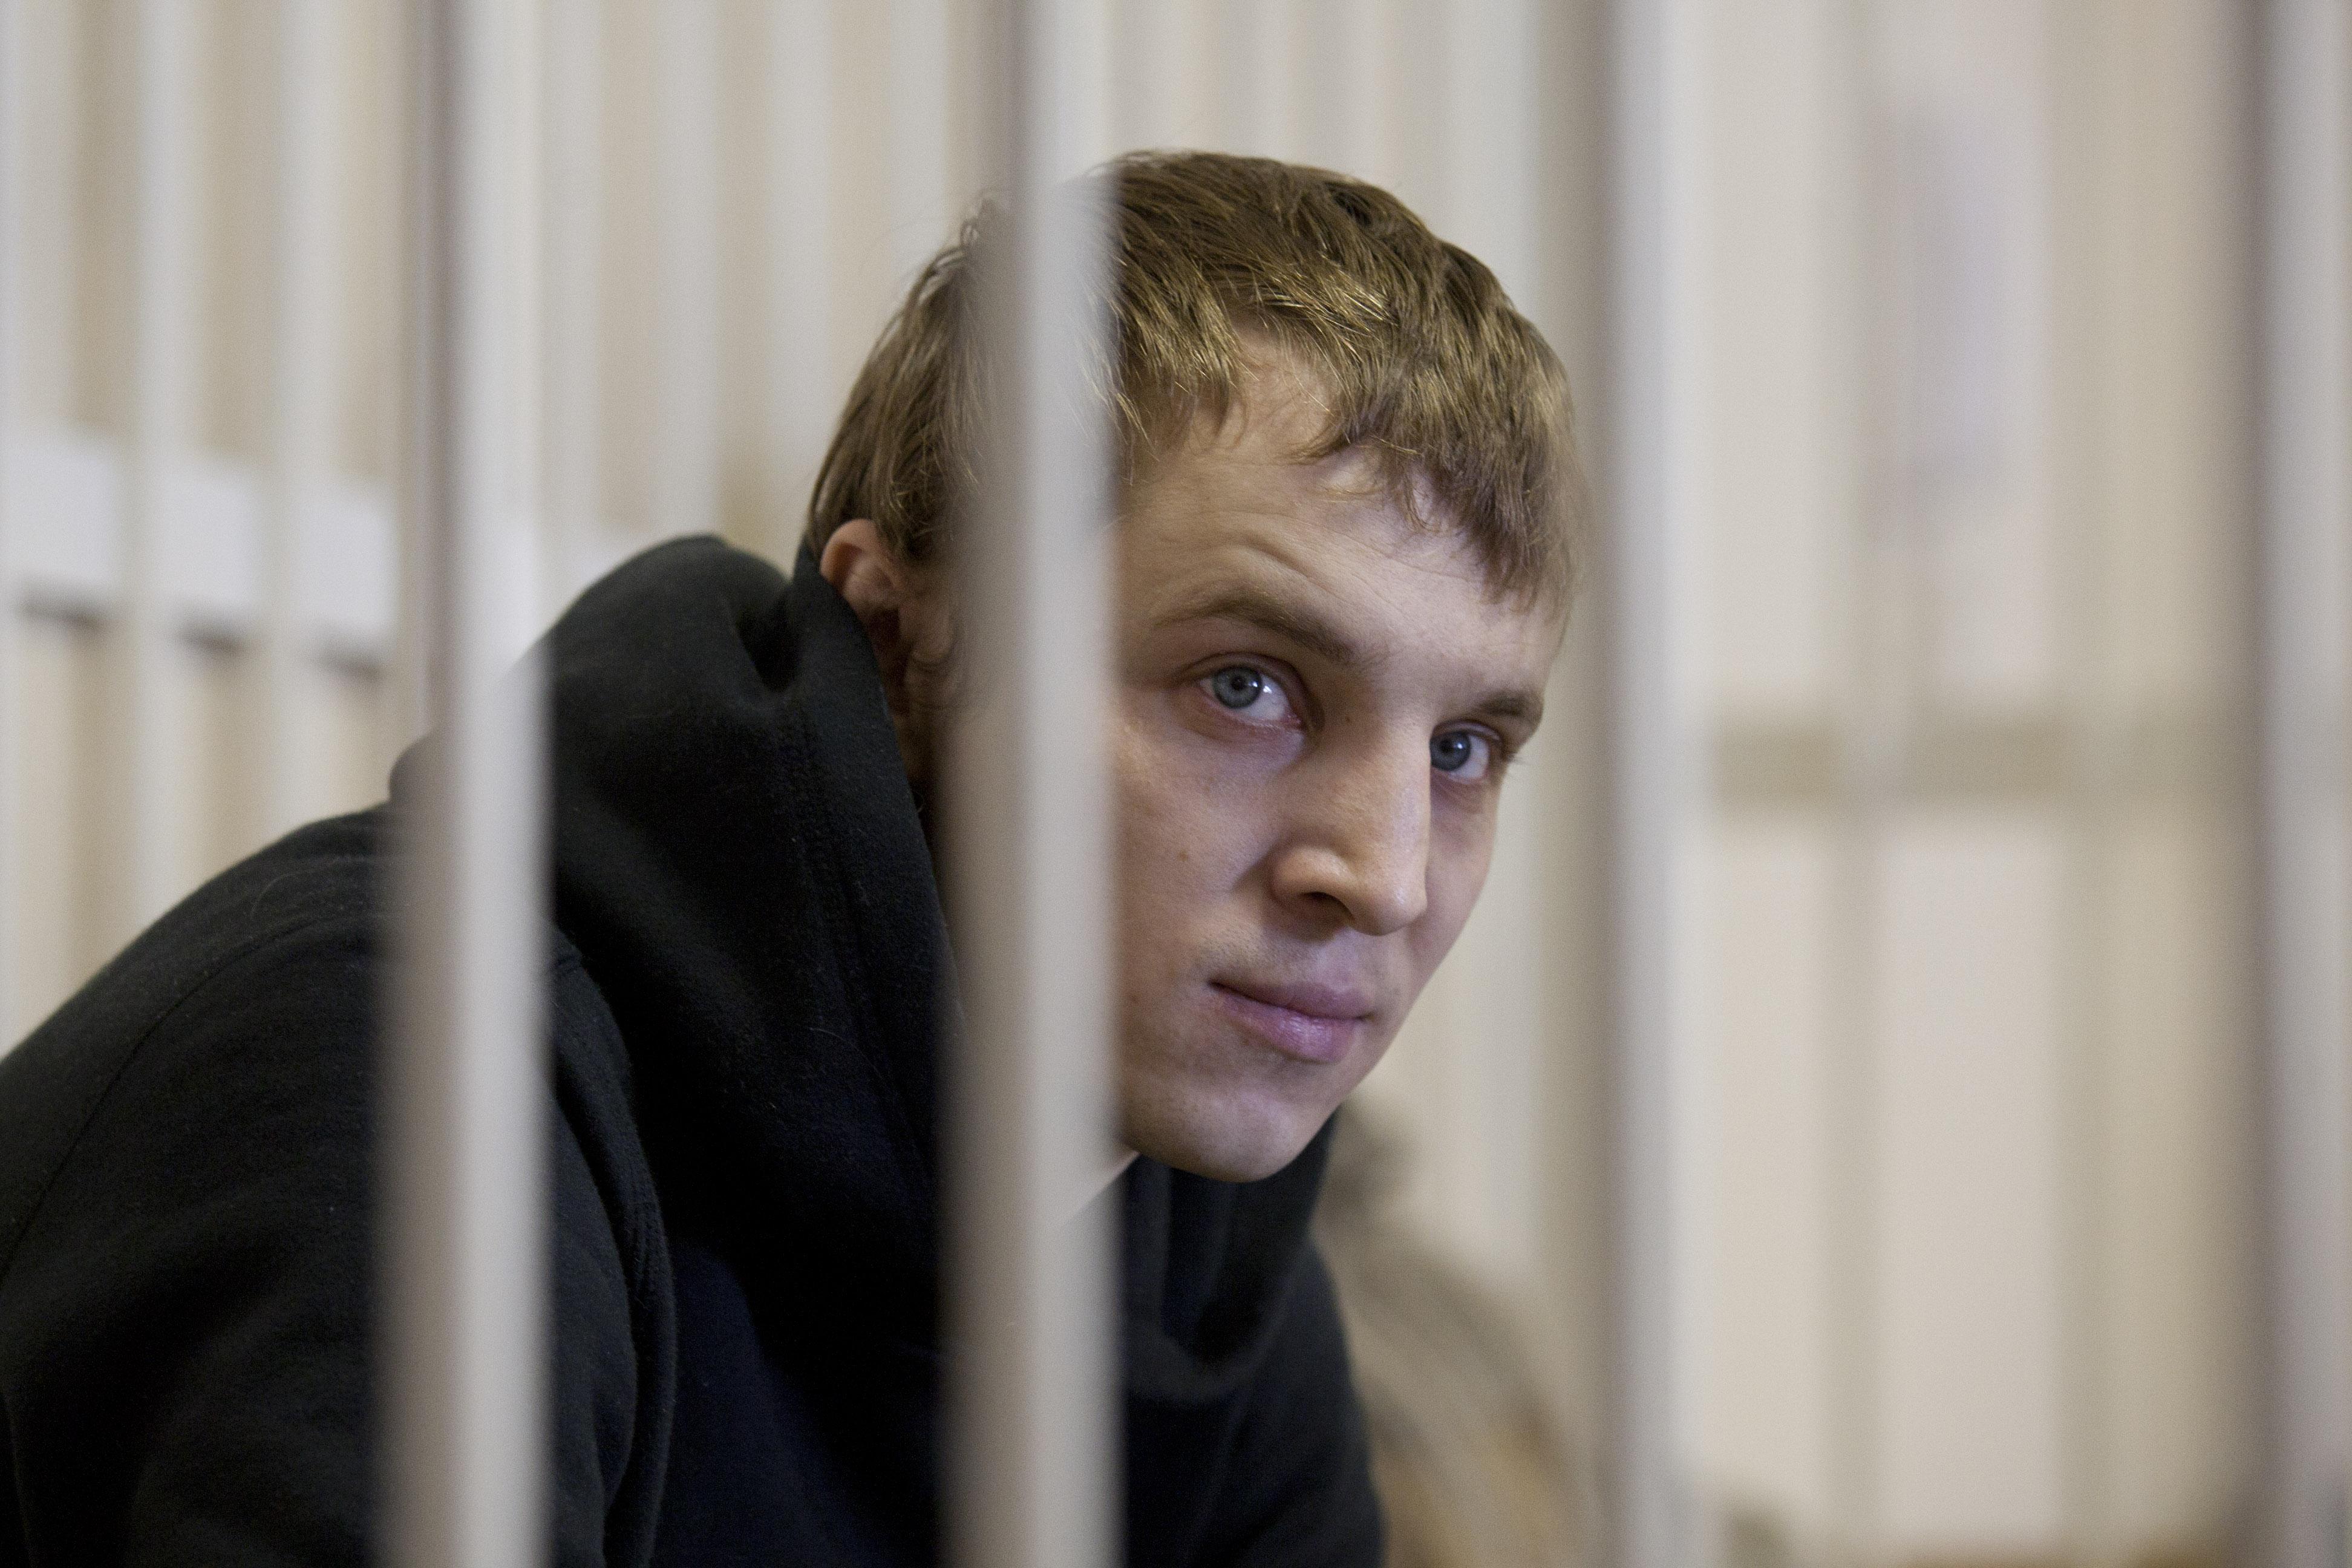 После освобождения Дашкевича на полгода оставят под превентивным надзором